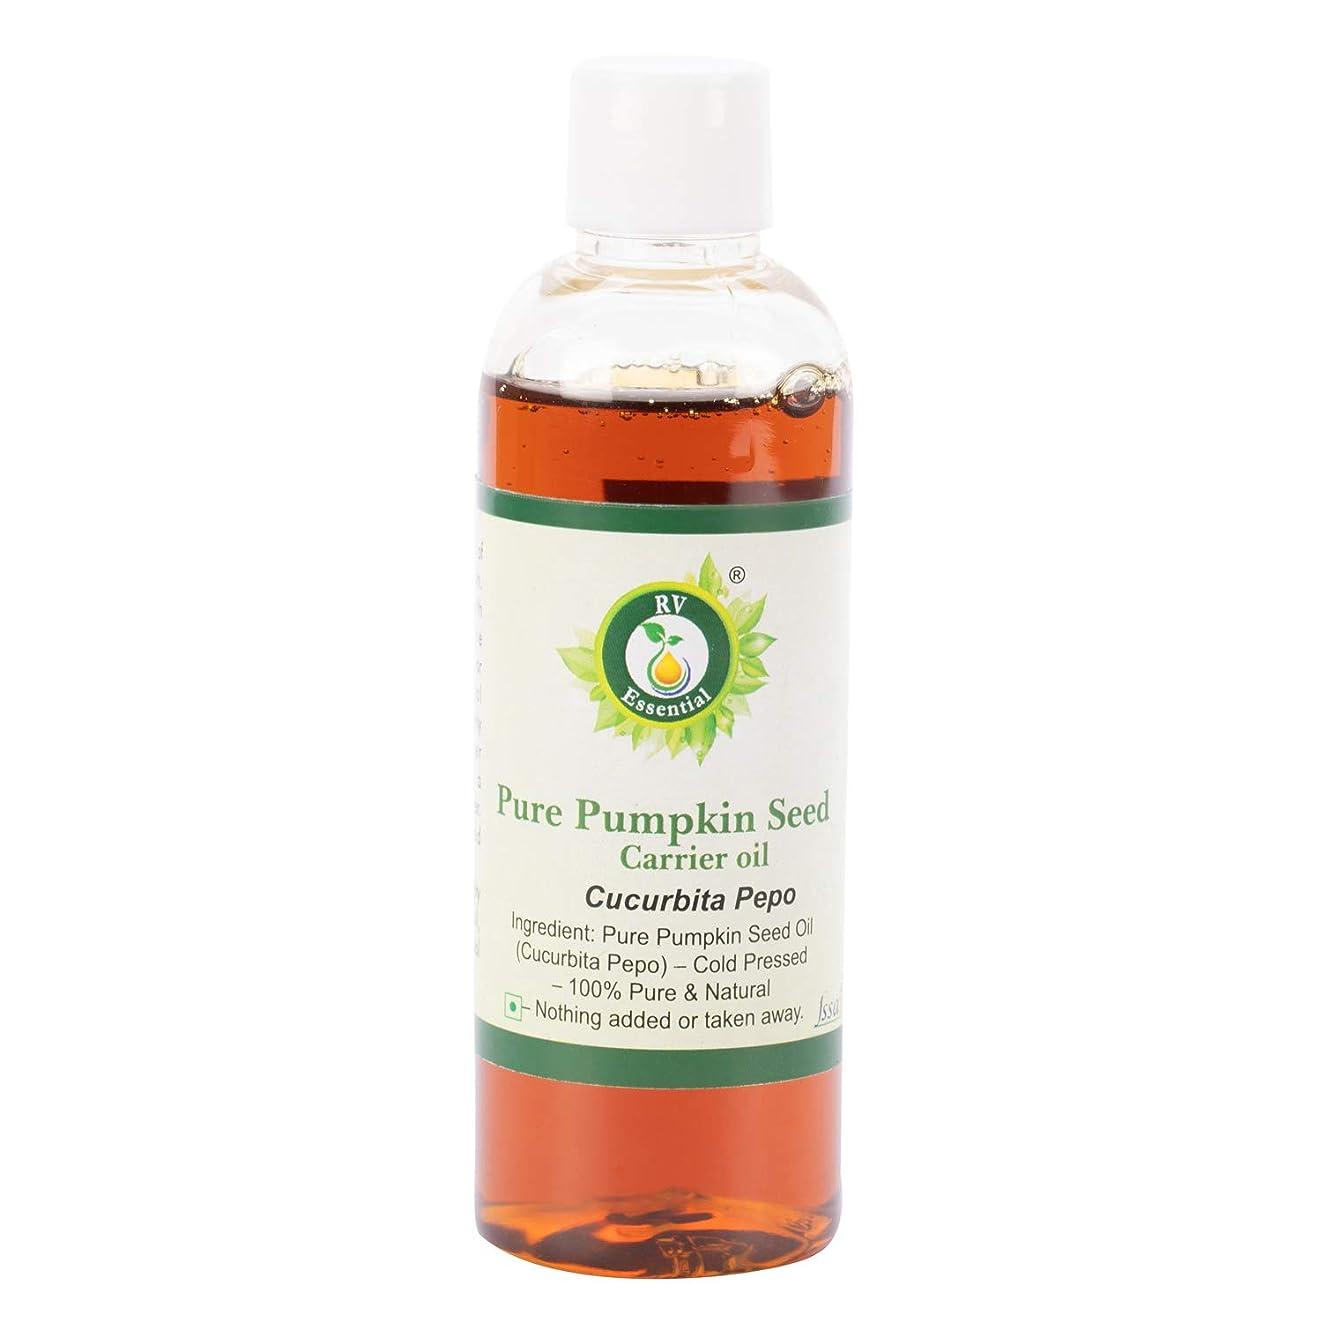 対象フルーツ野菜悲鳴ピュアパンプキンシードオイルキャリア100ml (3.38oz)- Cucurbita Pepo (100%ピュア&ナチュラルコールドPressed) Pure Pumpkin Seed Carrier Oil